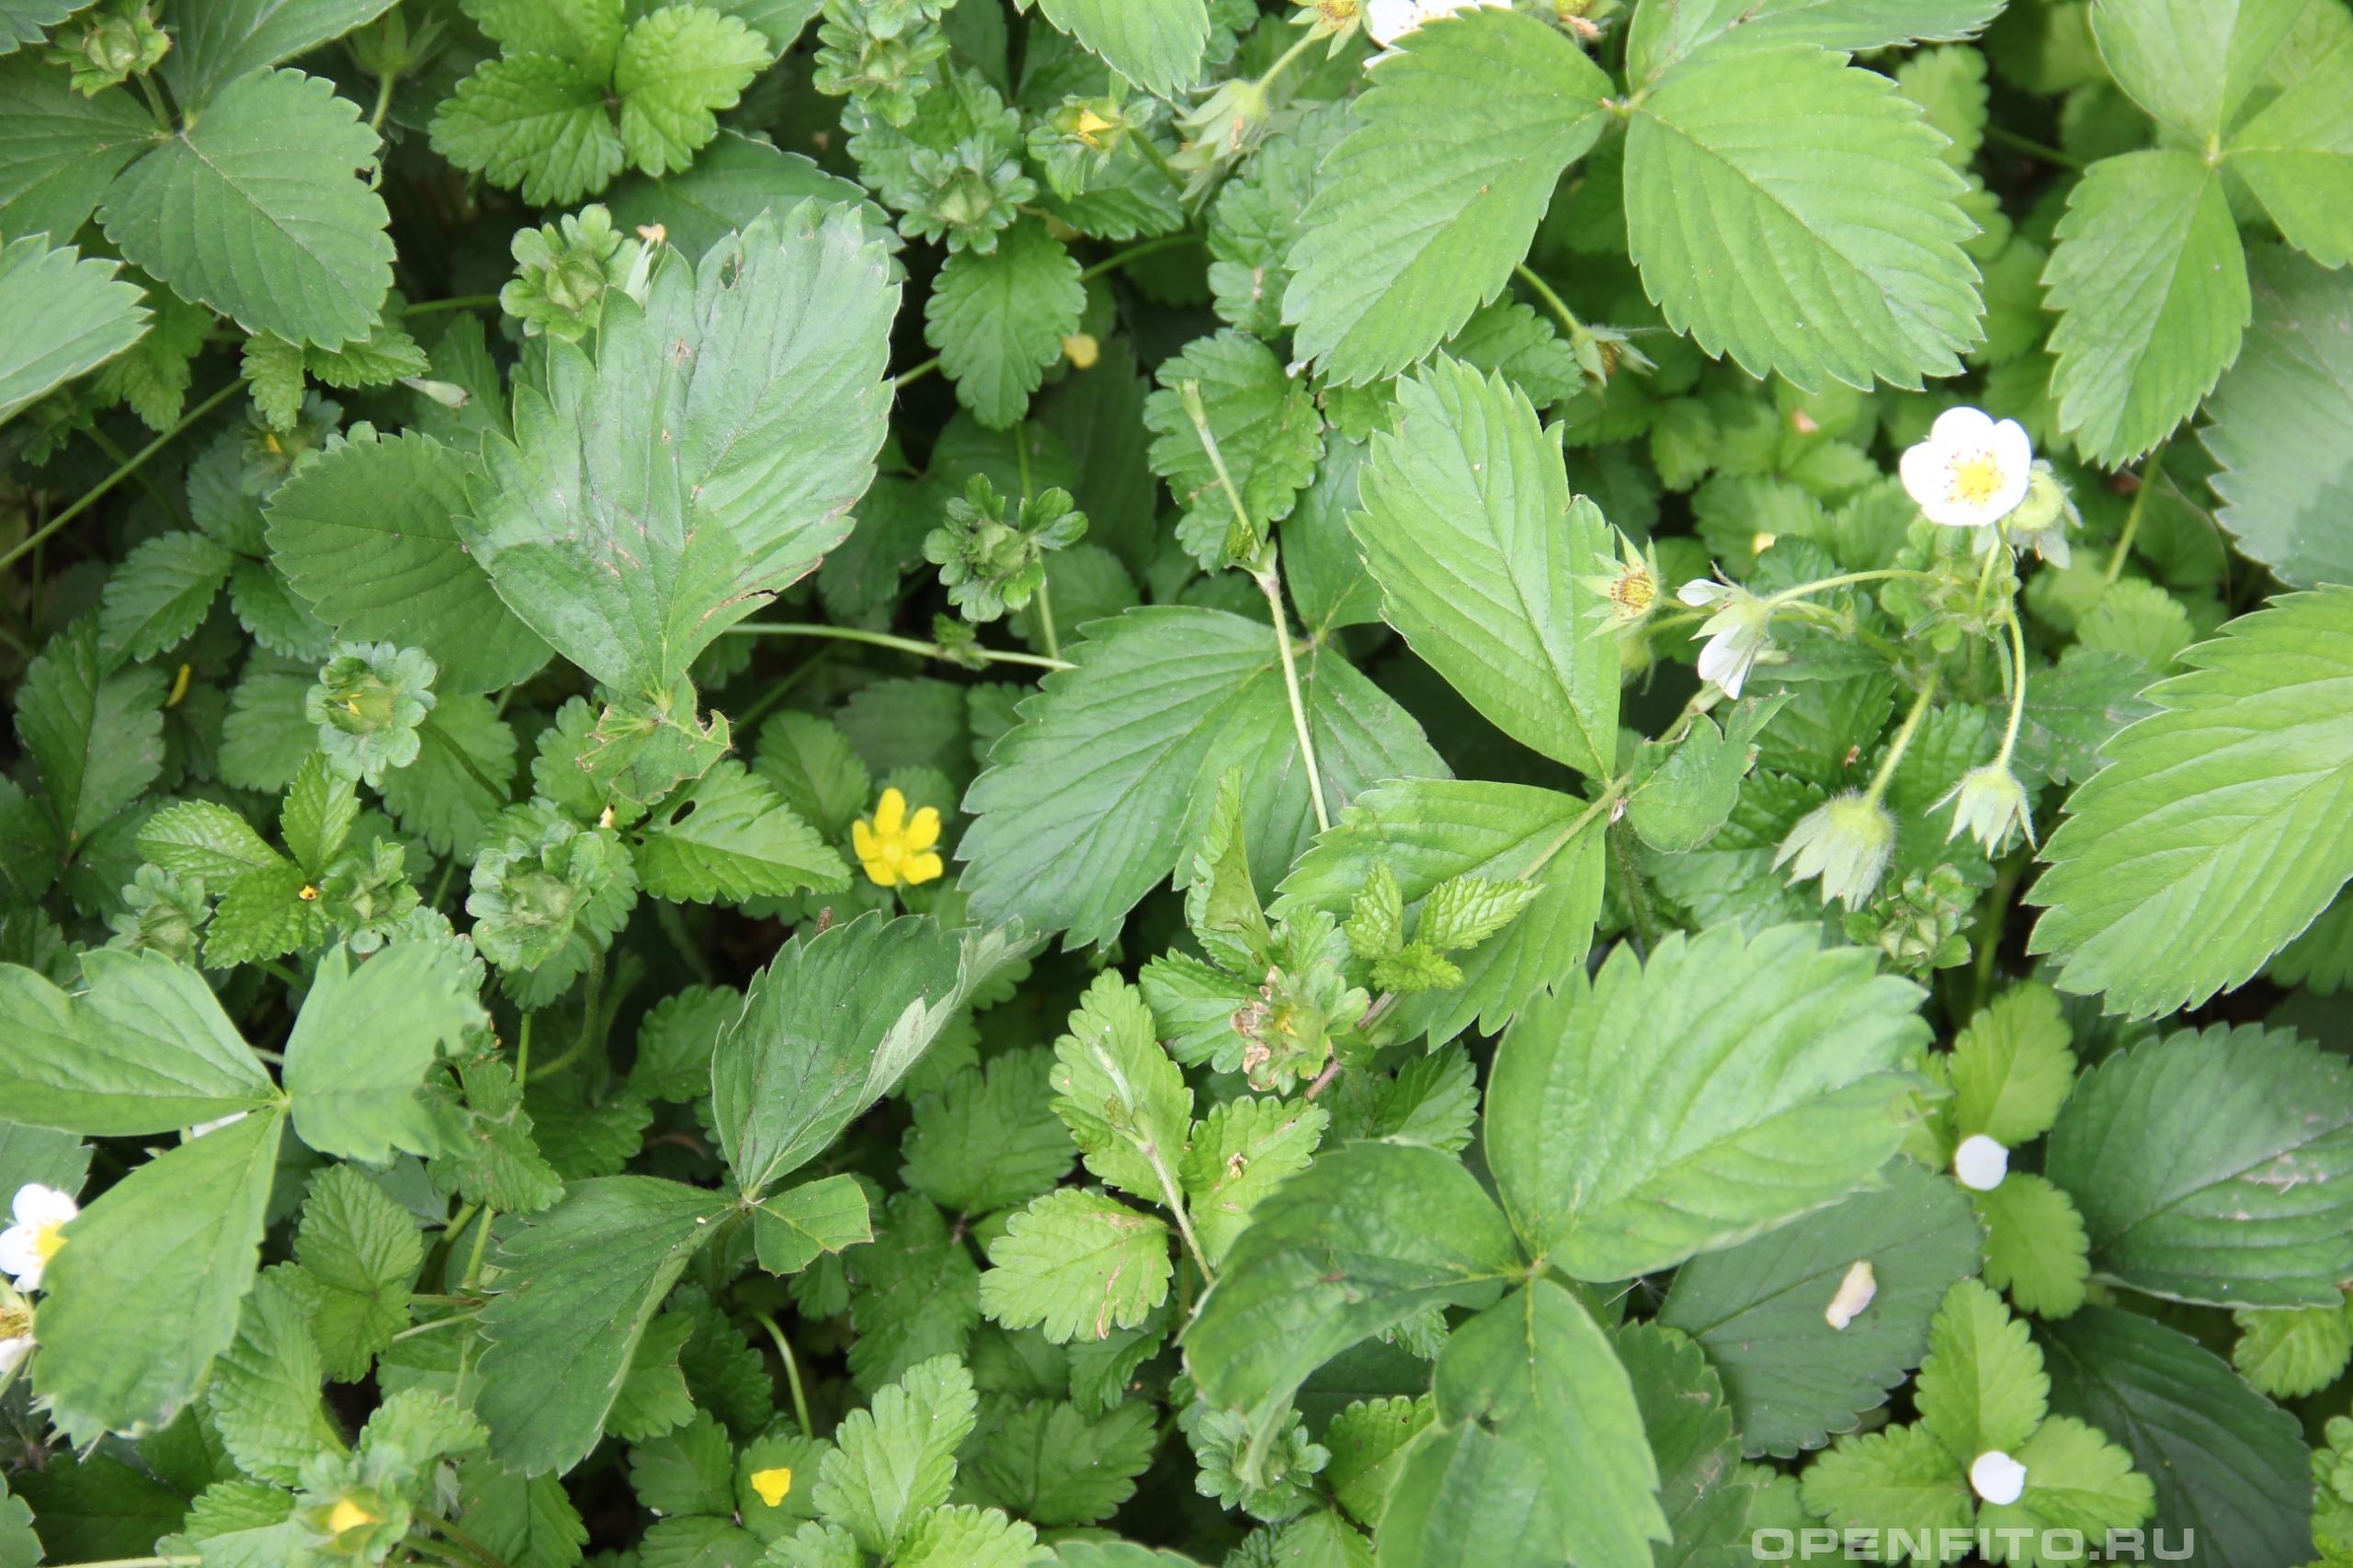 Дюшенея индийская и земляника клубника отличия растений